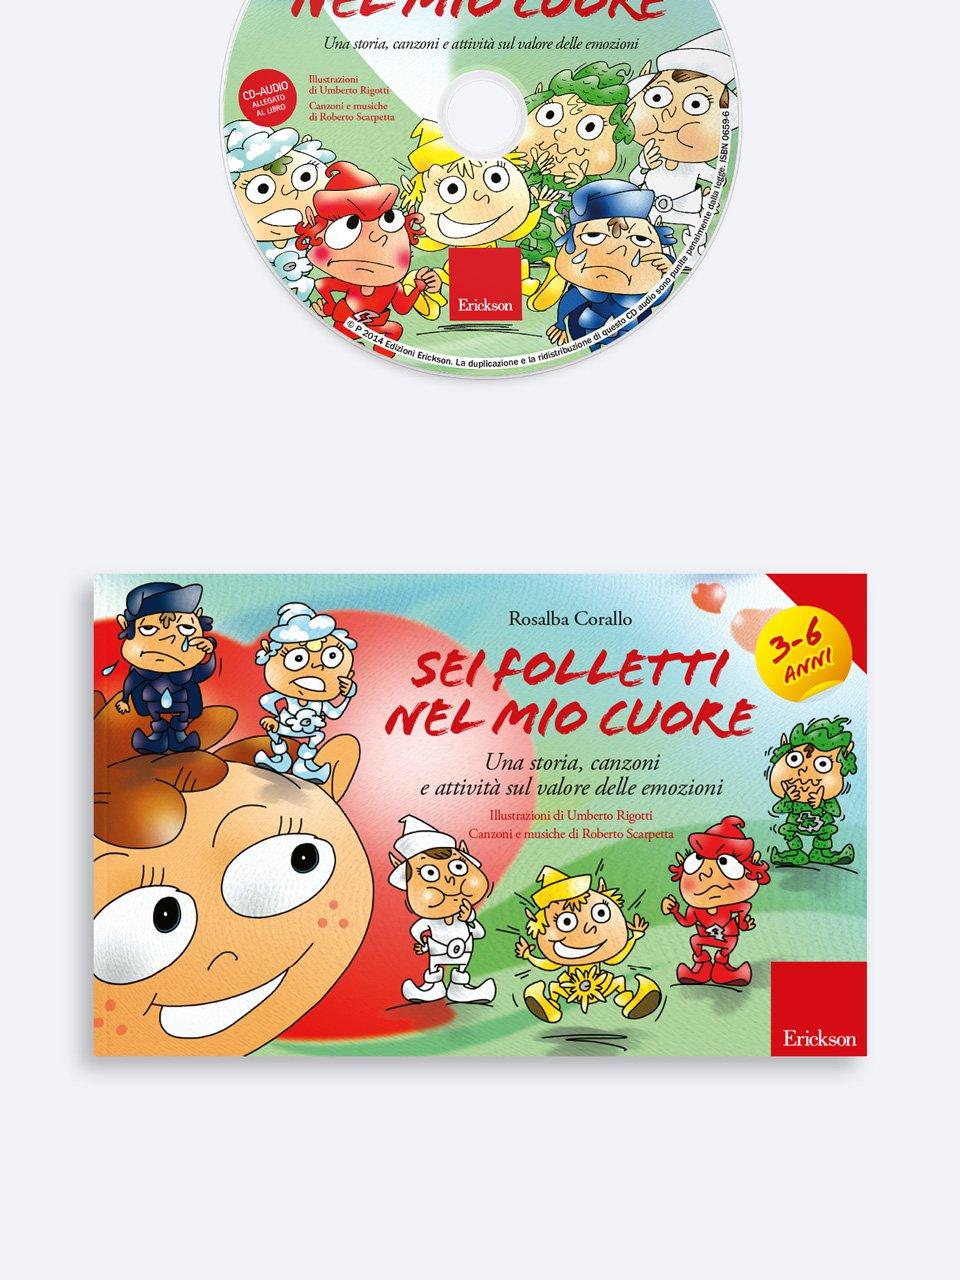 Sei folletti nel mio cuore (età 3-6 anni) - Aiutare i bambini... che temono di non essere amat - Libri - App e software - Erickson